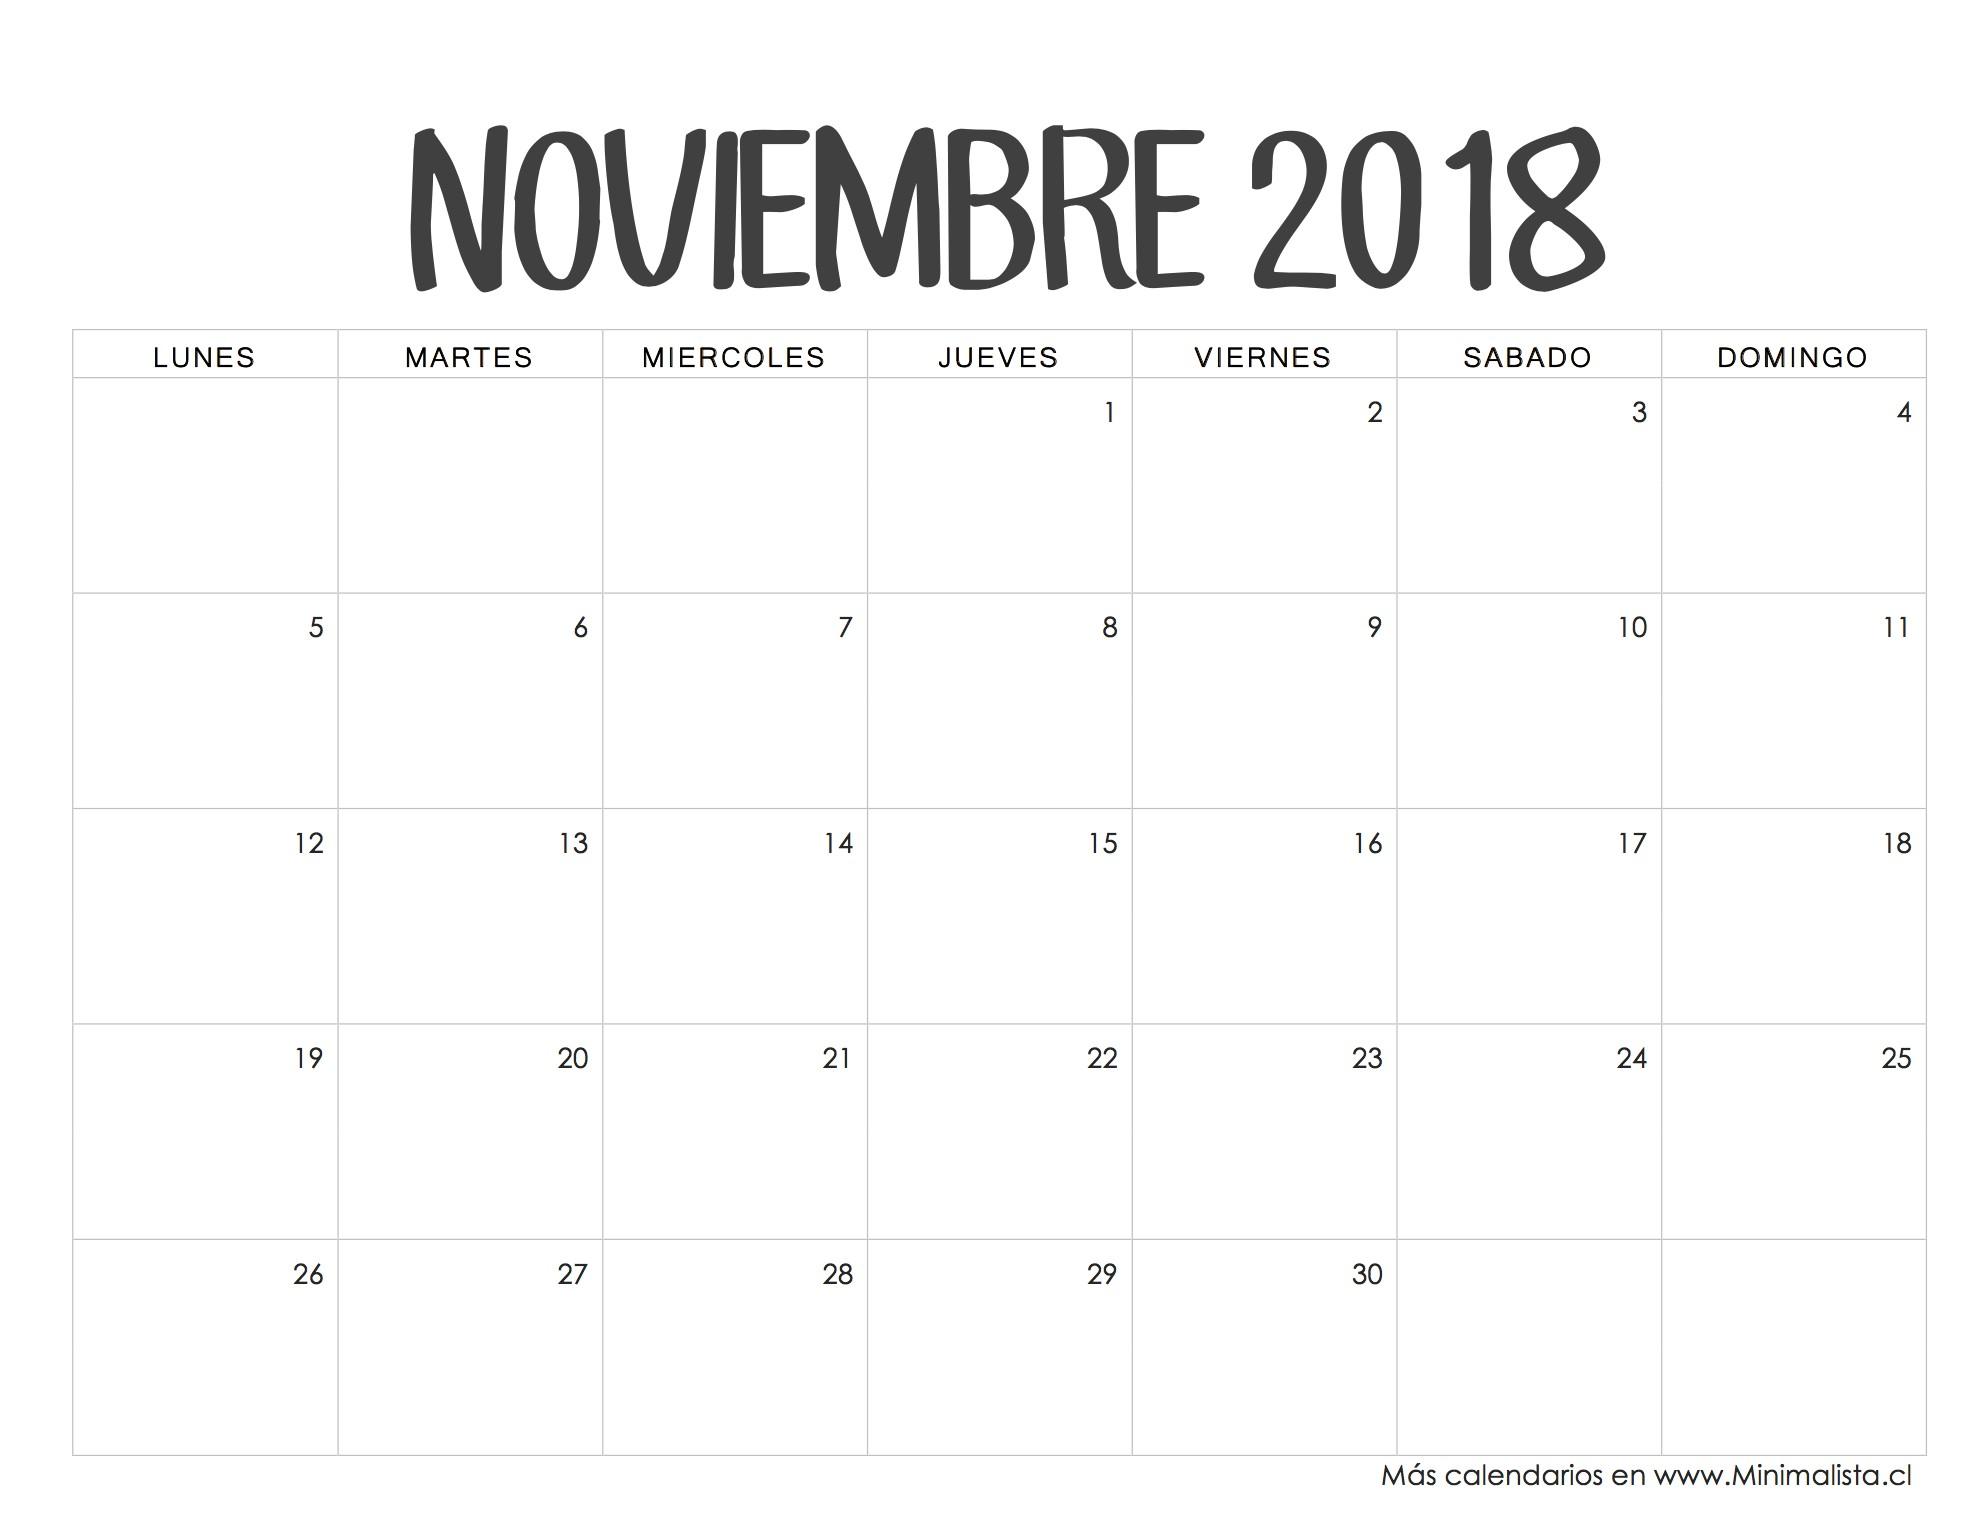 Calendario Octubre 2017 Para Imprimir Mexico Más Recientes Calendario Noviembre 2018 Calendario 2017 Pinterest Of Calendario Octubre 2017 Para Imprimir Mexico Más Recientes Marketing Archivos El Blog De Carla Antonioli